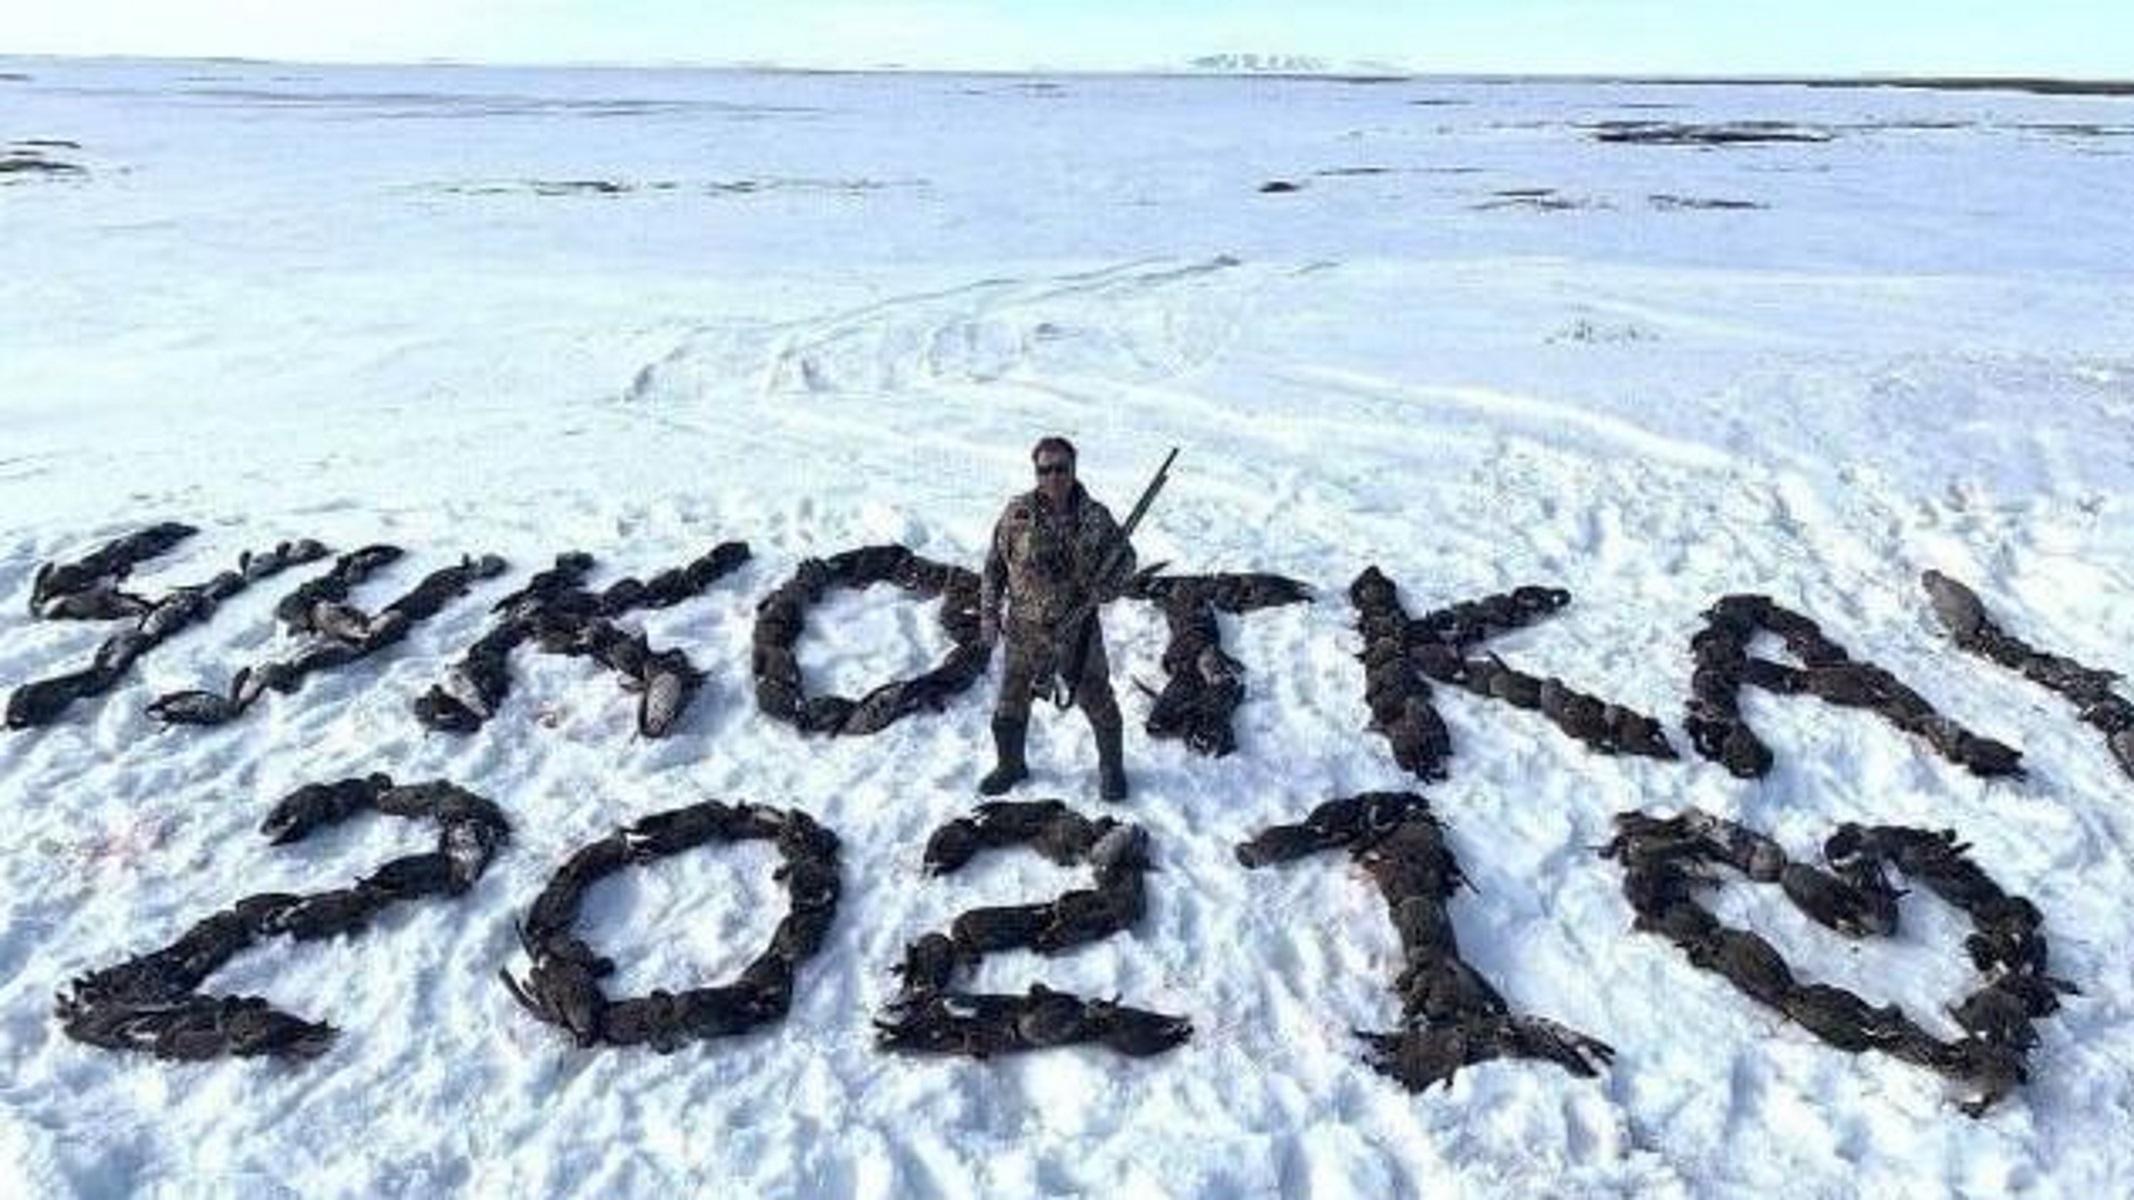 Ποινική δίωξη κατά Ρώσου βουλευτή που φωτογραφήθηκε με εκατοντάδες νεκρές πάπιες